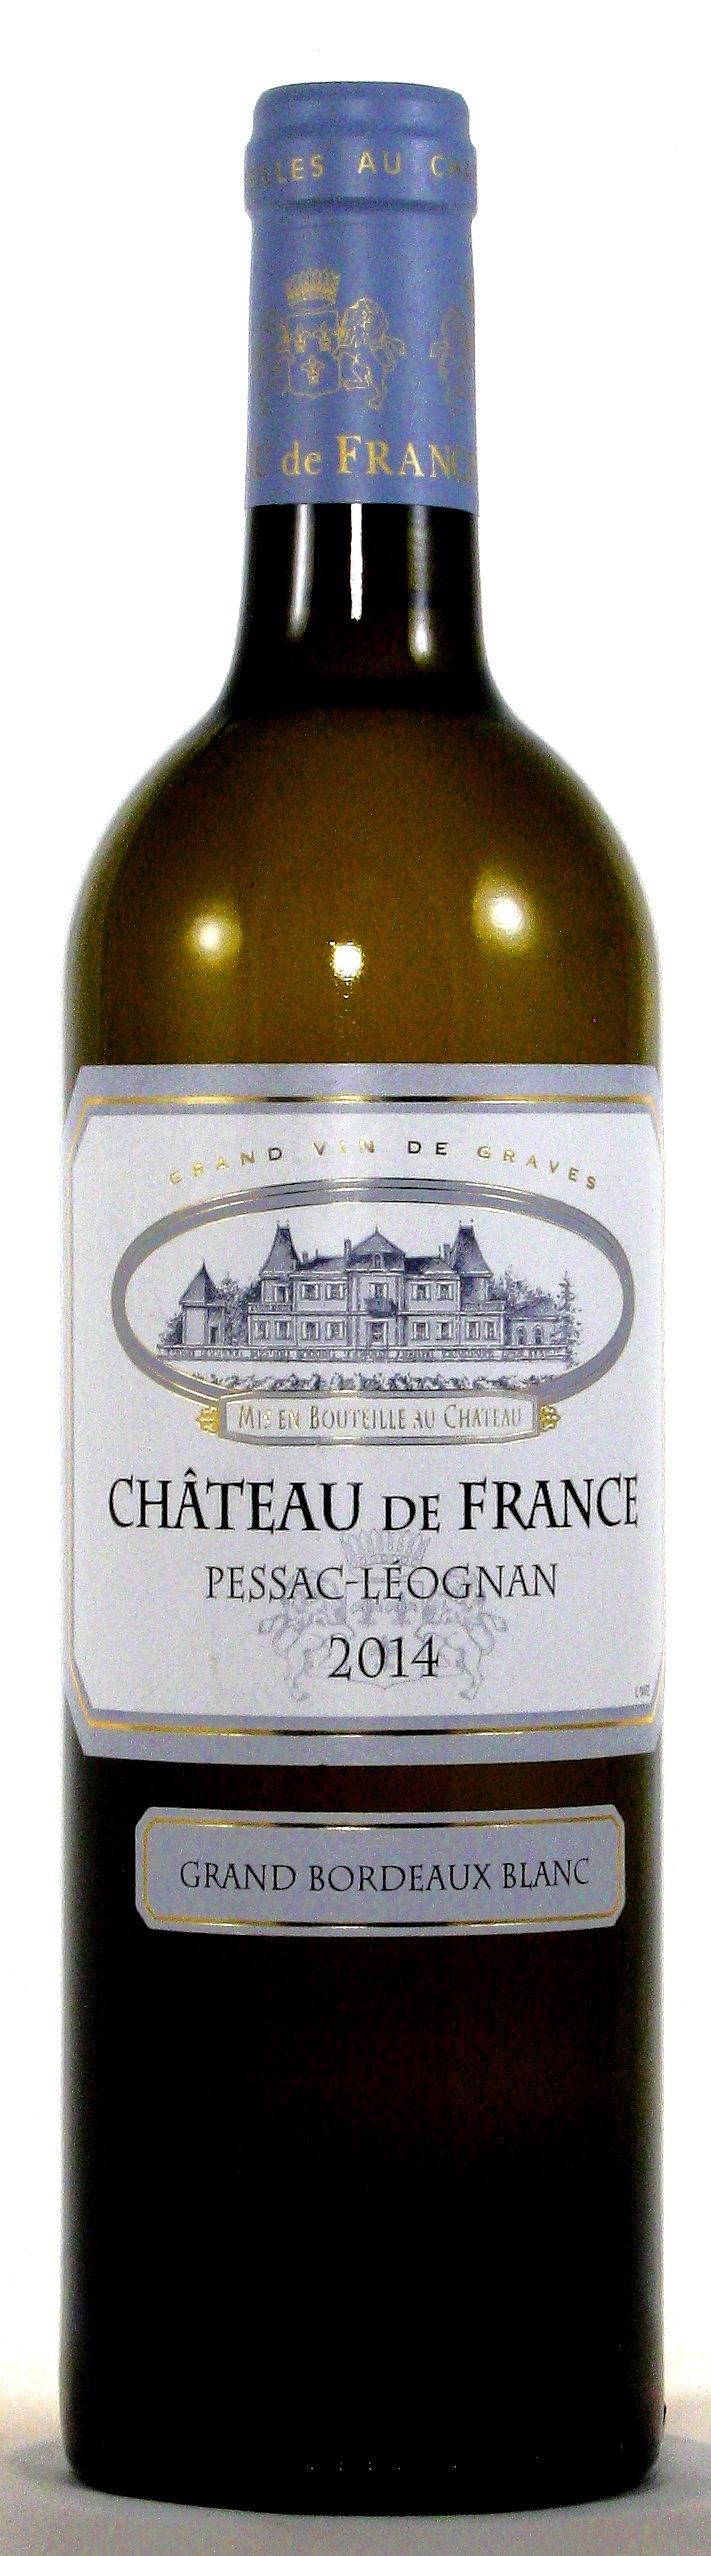 Château de France Blanc, Bordeaux Blanc, Pessac-Léognan